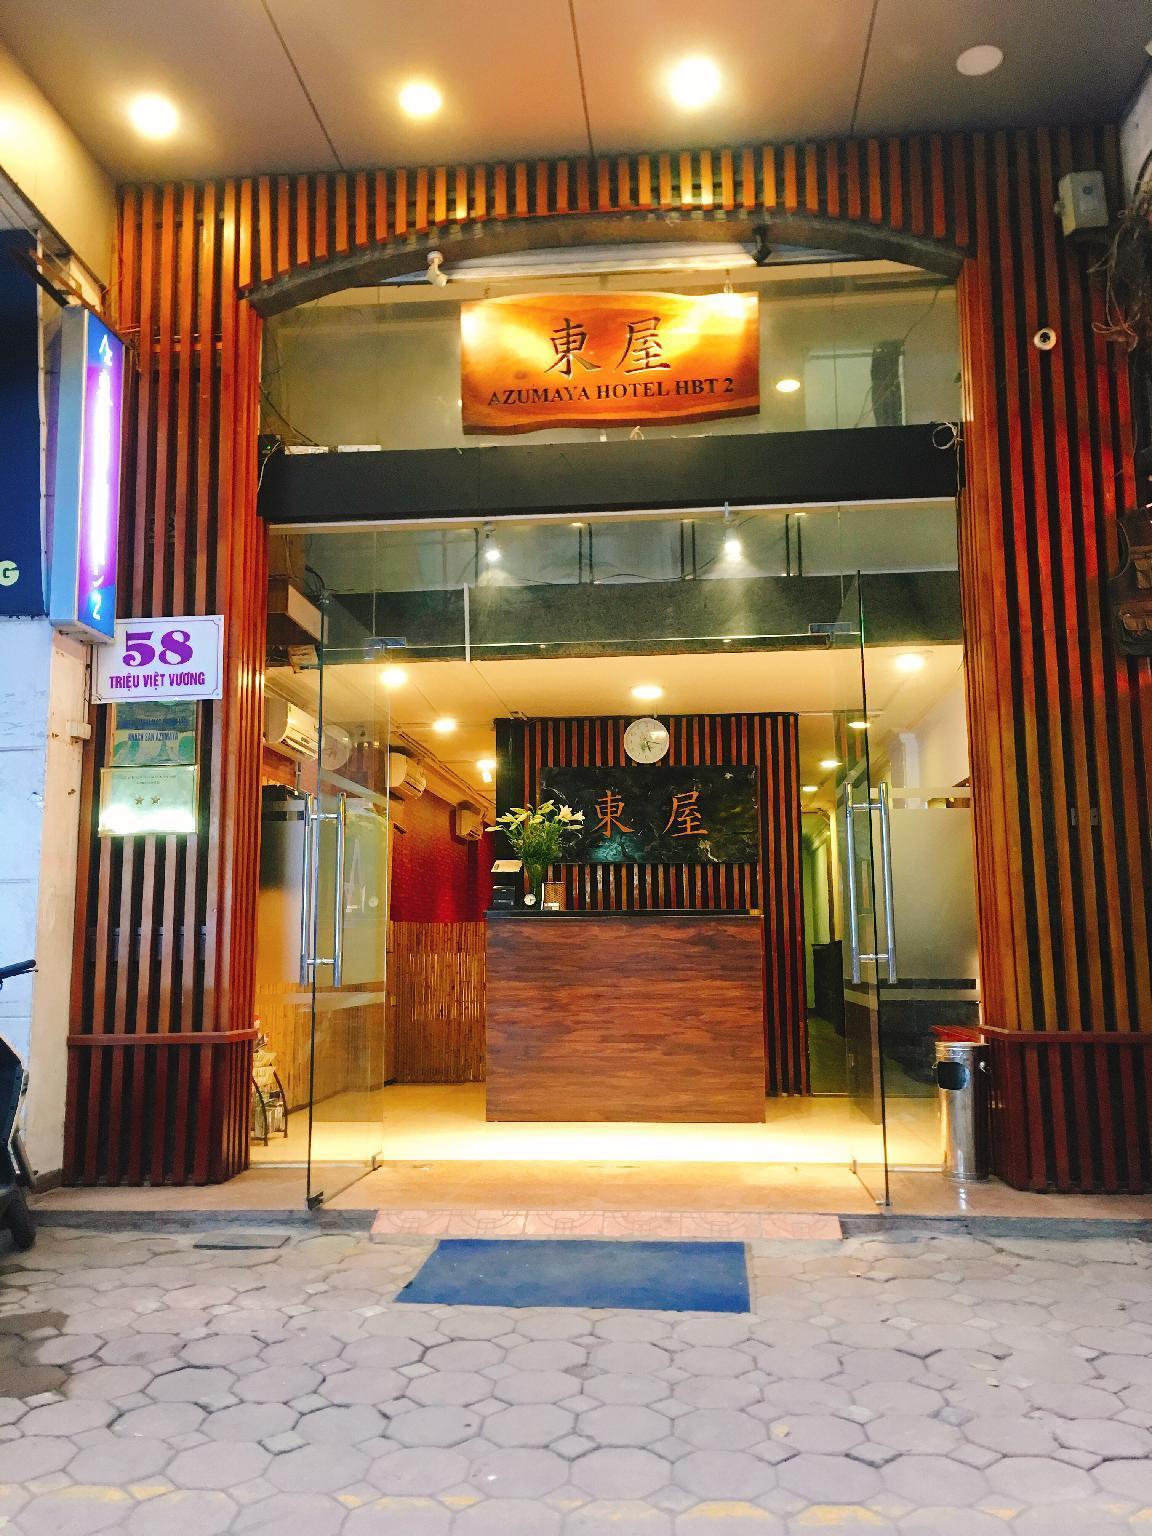 Azumaya Hotel Hai Ba Trung 2 Branch